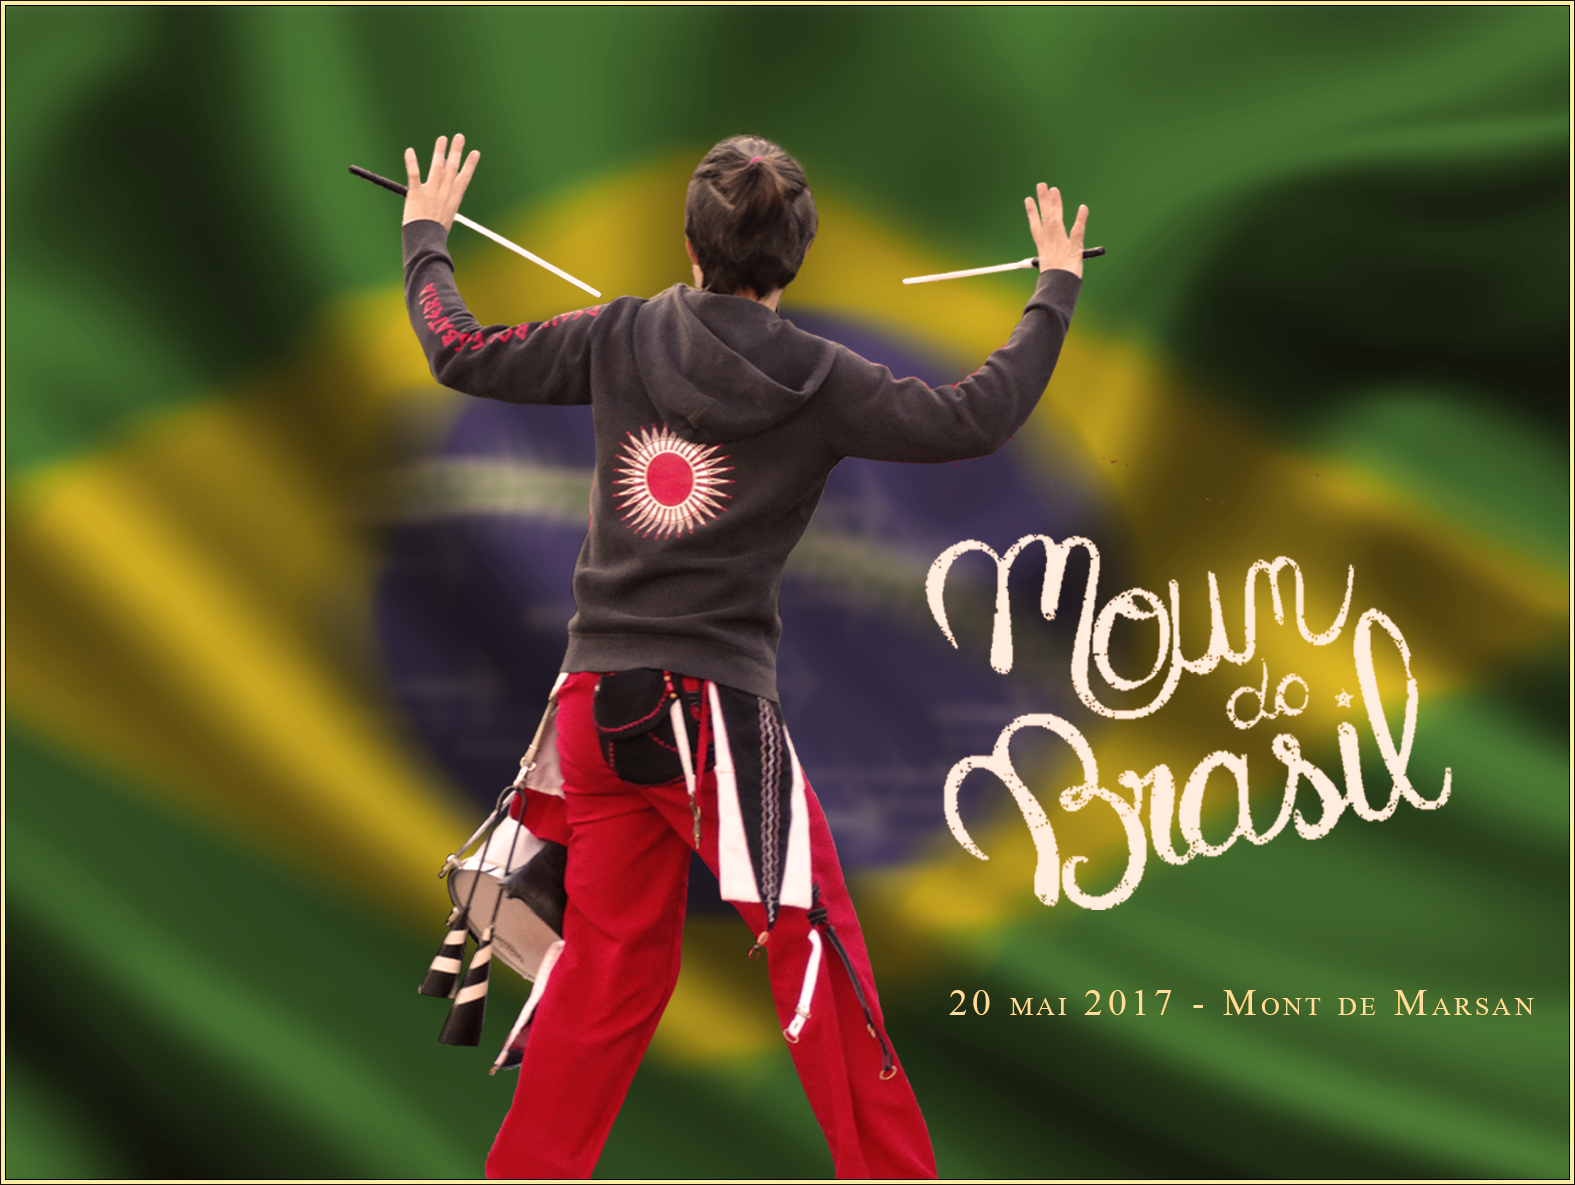 PRB - Moun do Brasil